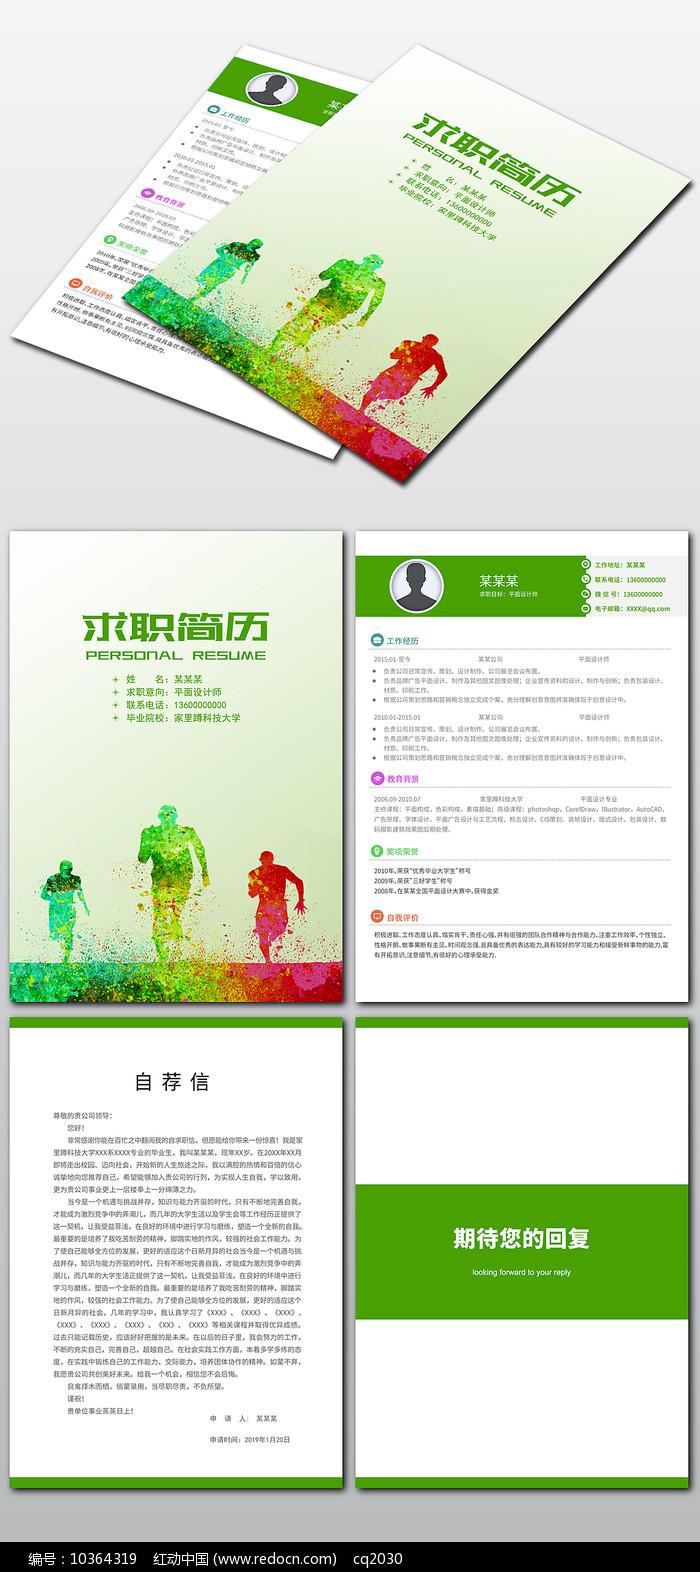 奔跑努力向上个人求职简历封面设计图片